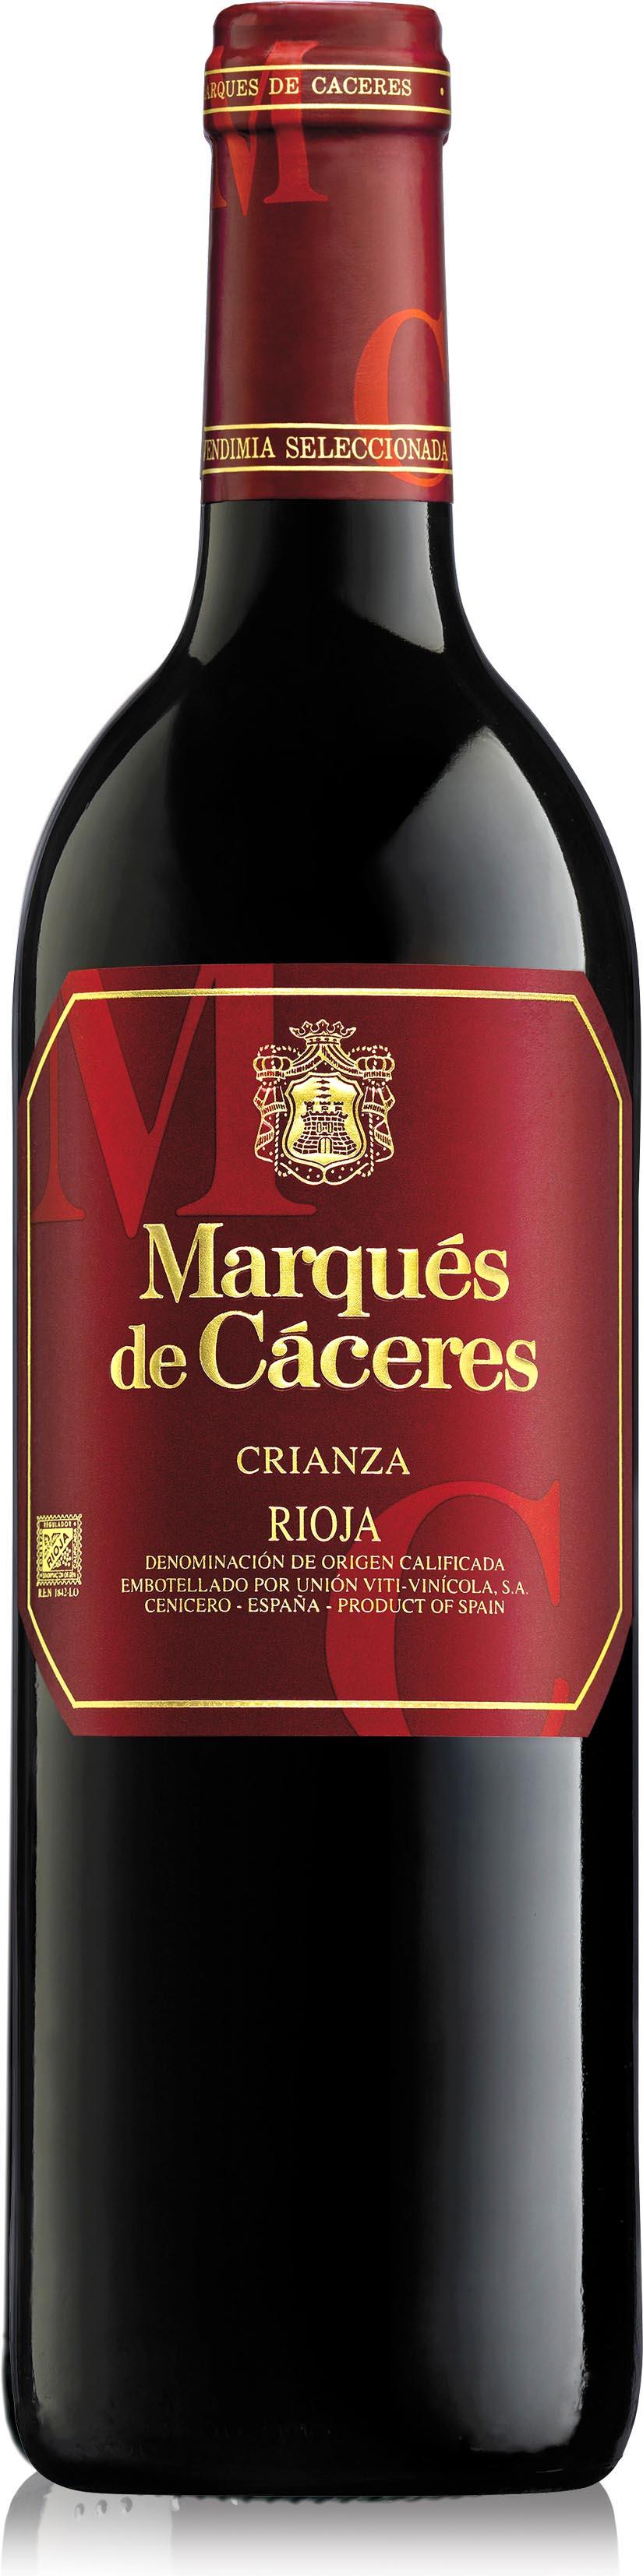 2013 Marques de Caceres Tinto Crianza , Rioja D.O.